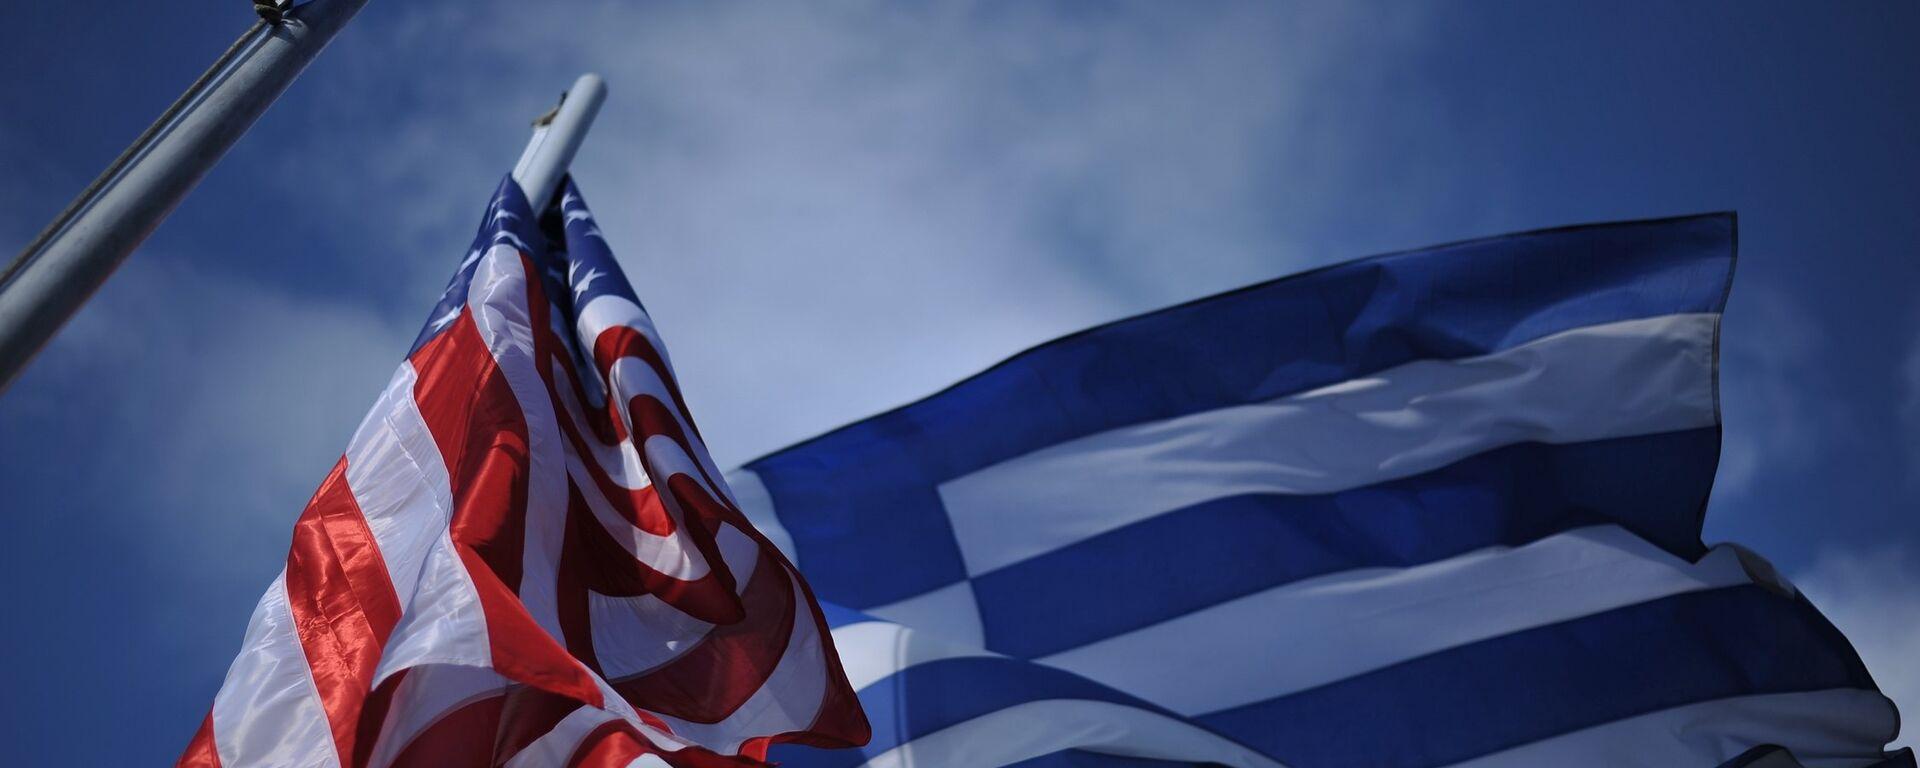 Οι σημαίες Ελλάδας - ΗΠΑ - Sputnik Ελλάδα, 1920, 02.10.2021